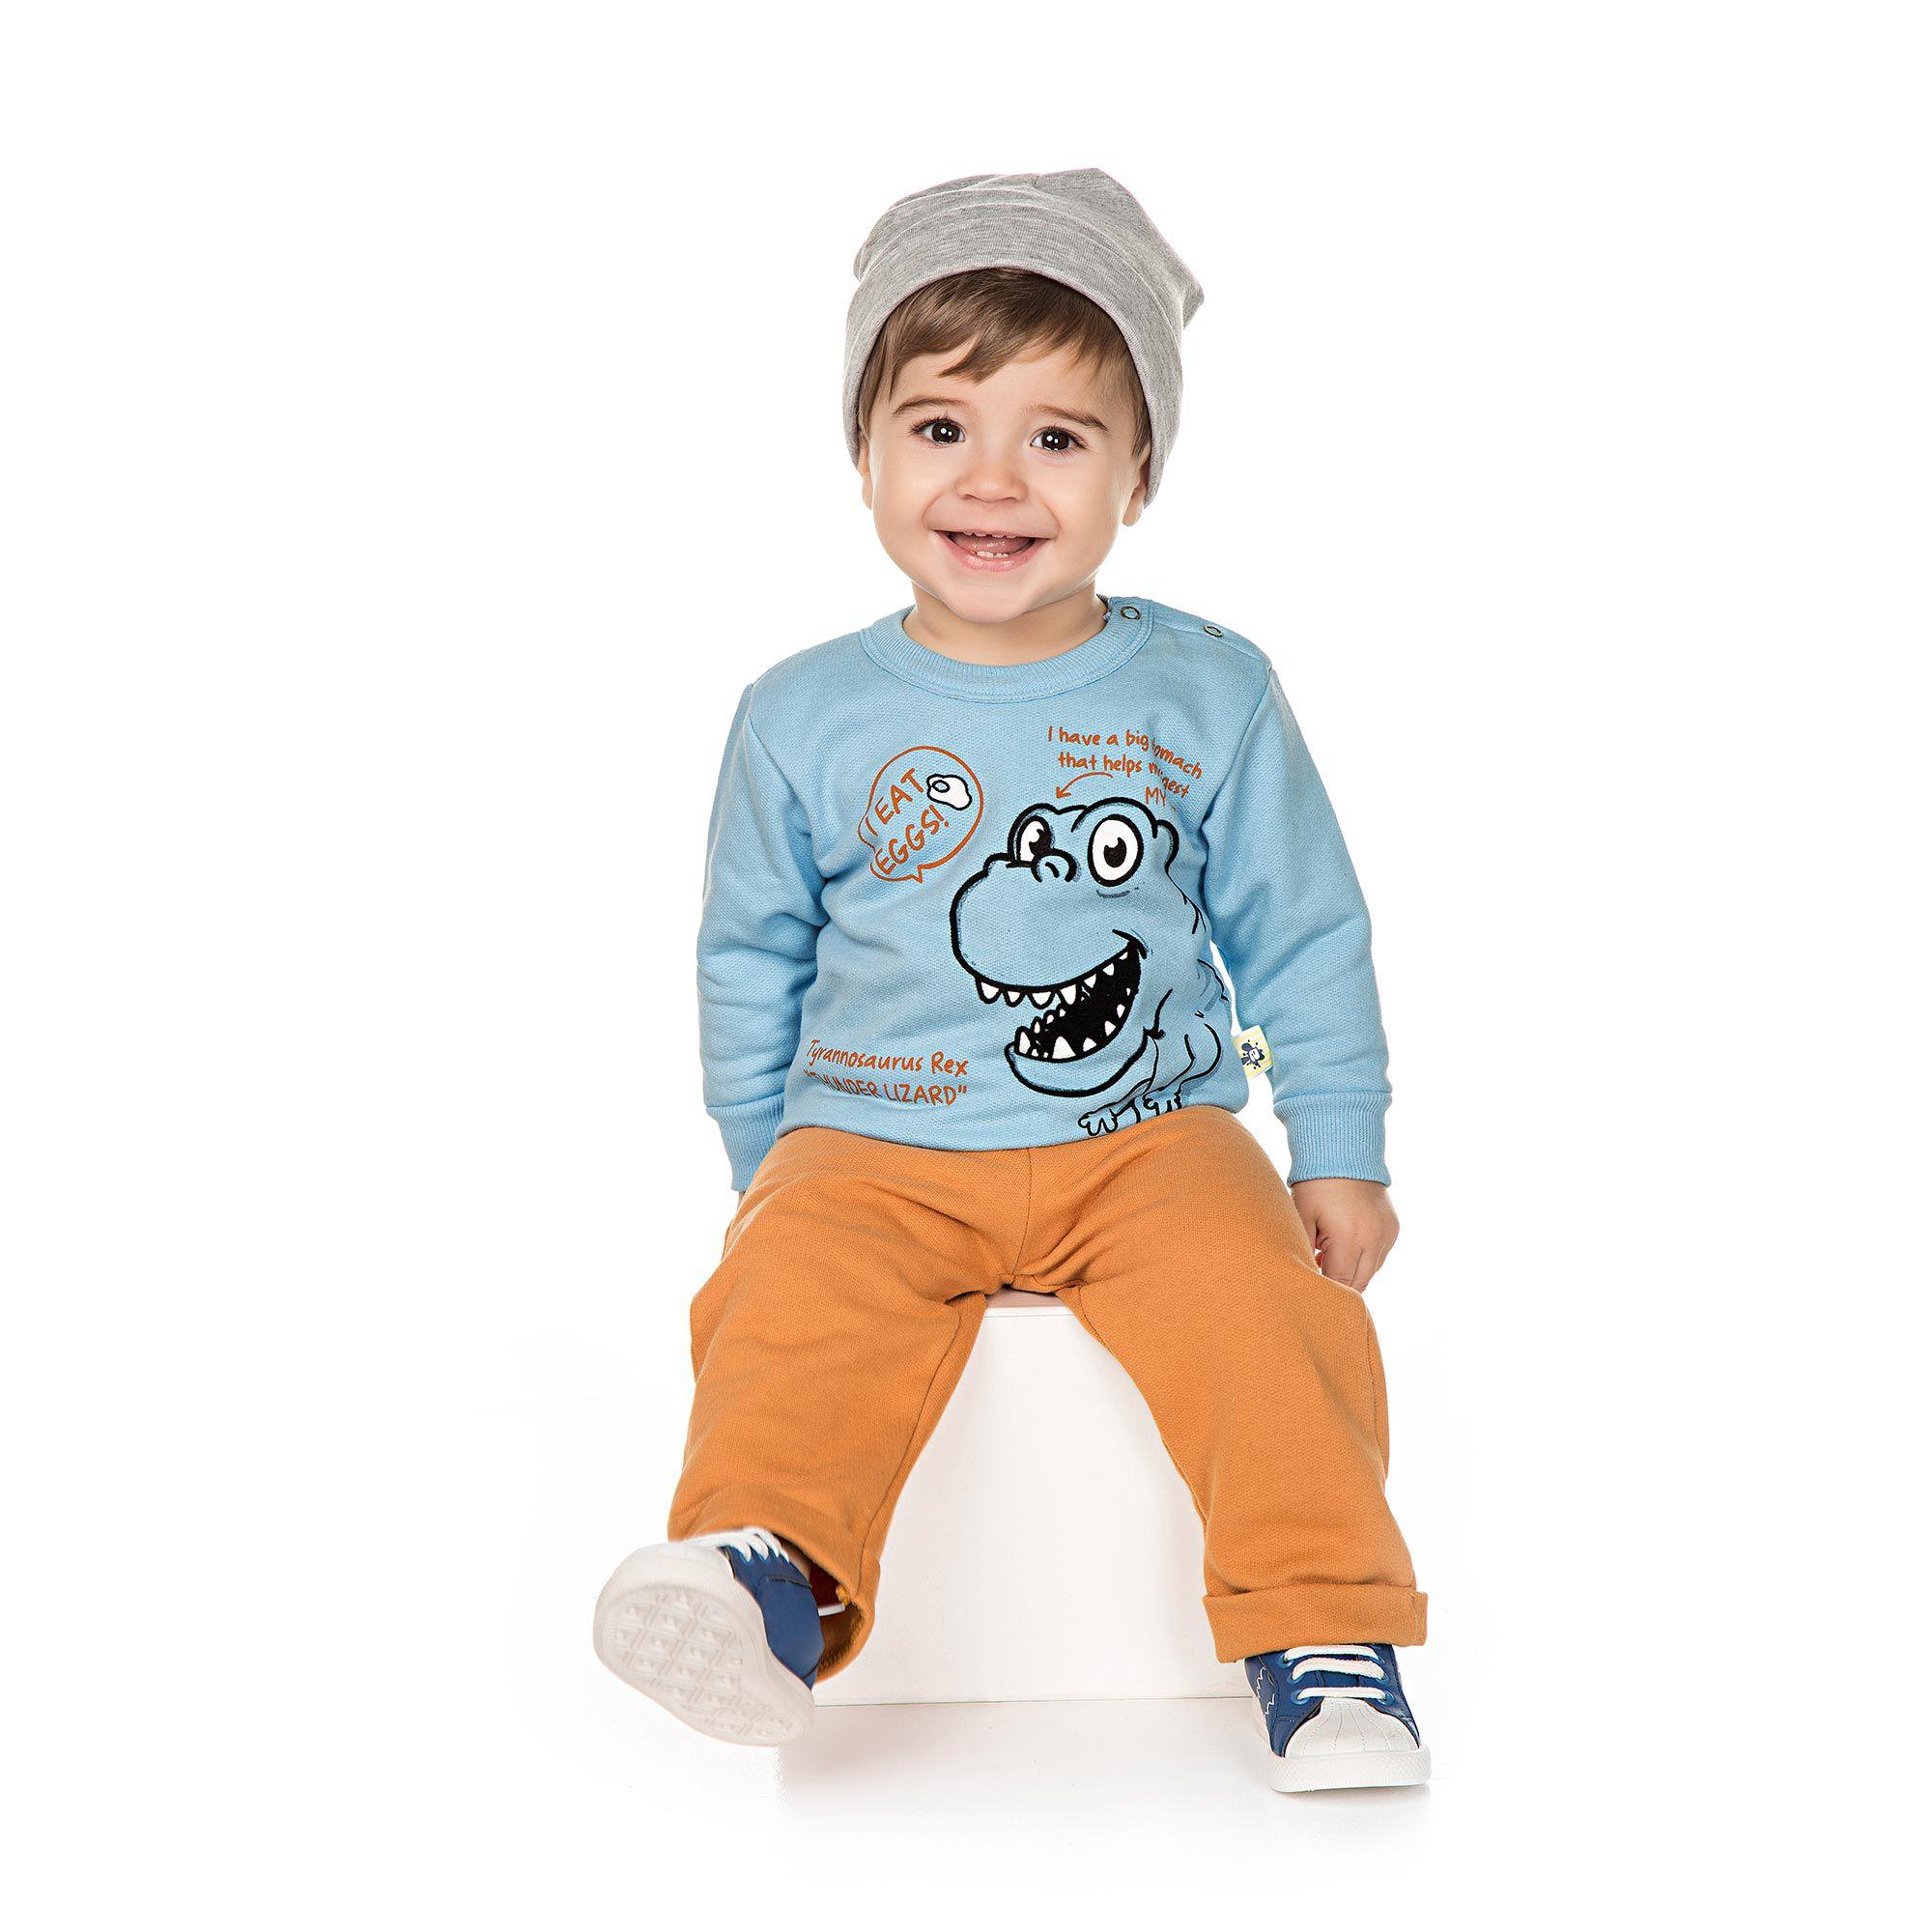 Conjunto Infantil de Moletom para Bebê 2 peças - Ref 4943 - Céu Azul/Amêndoa